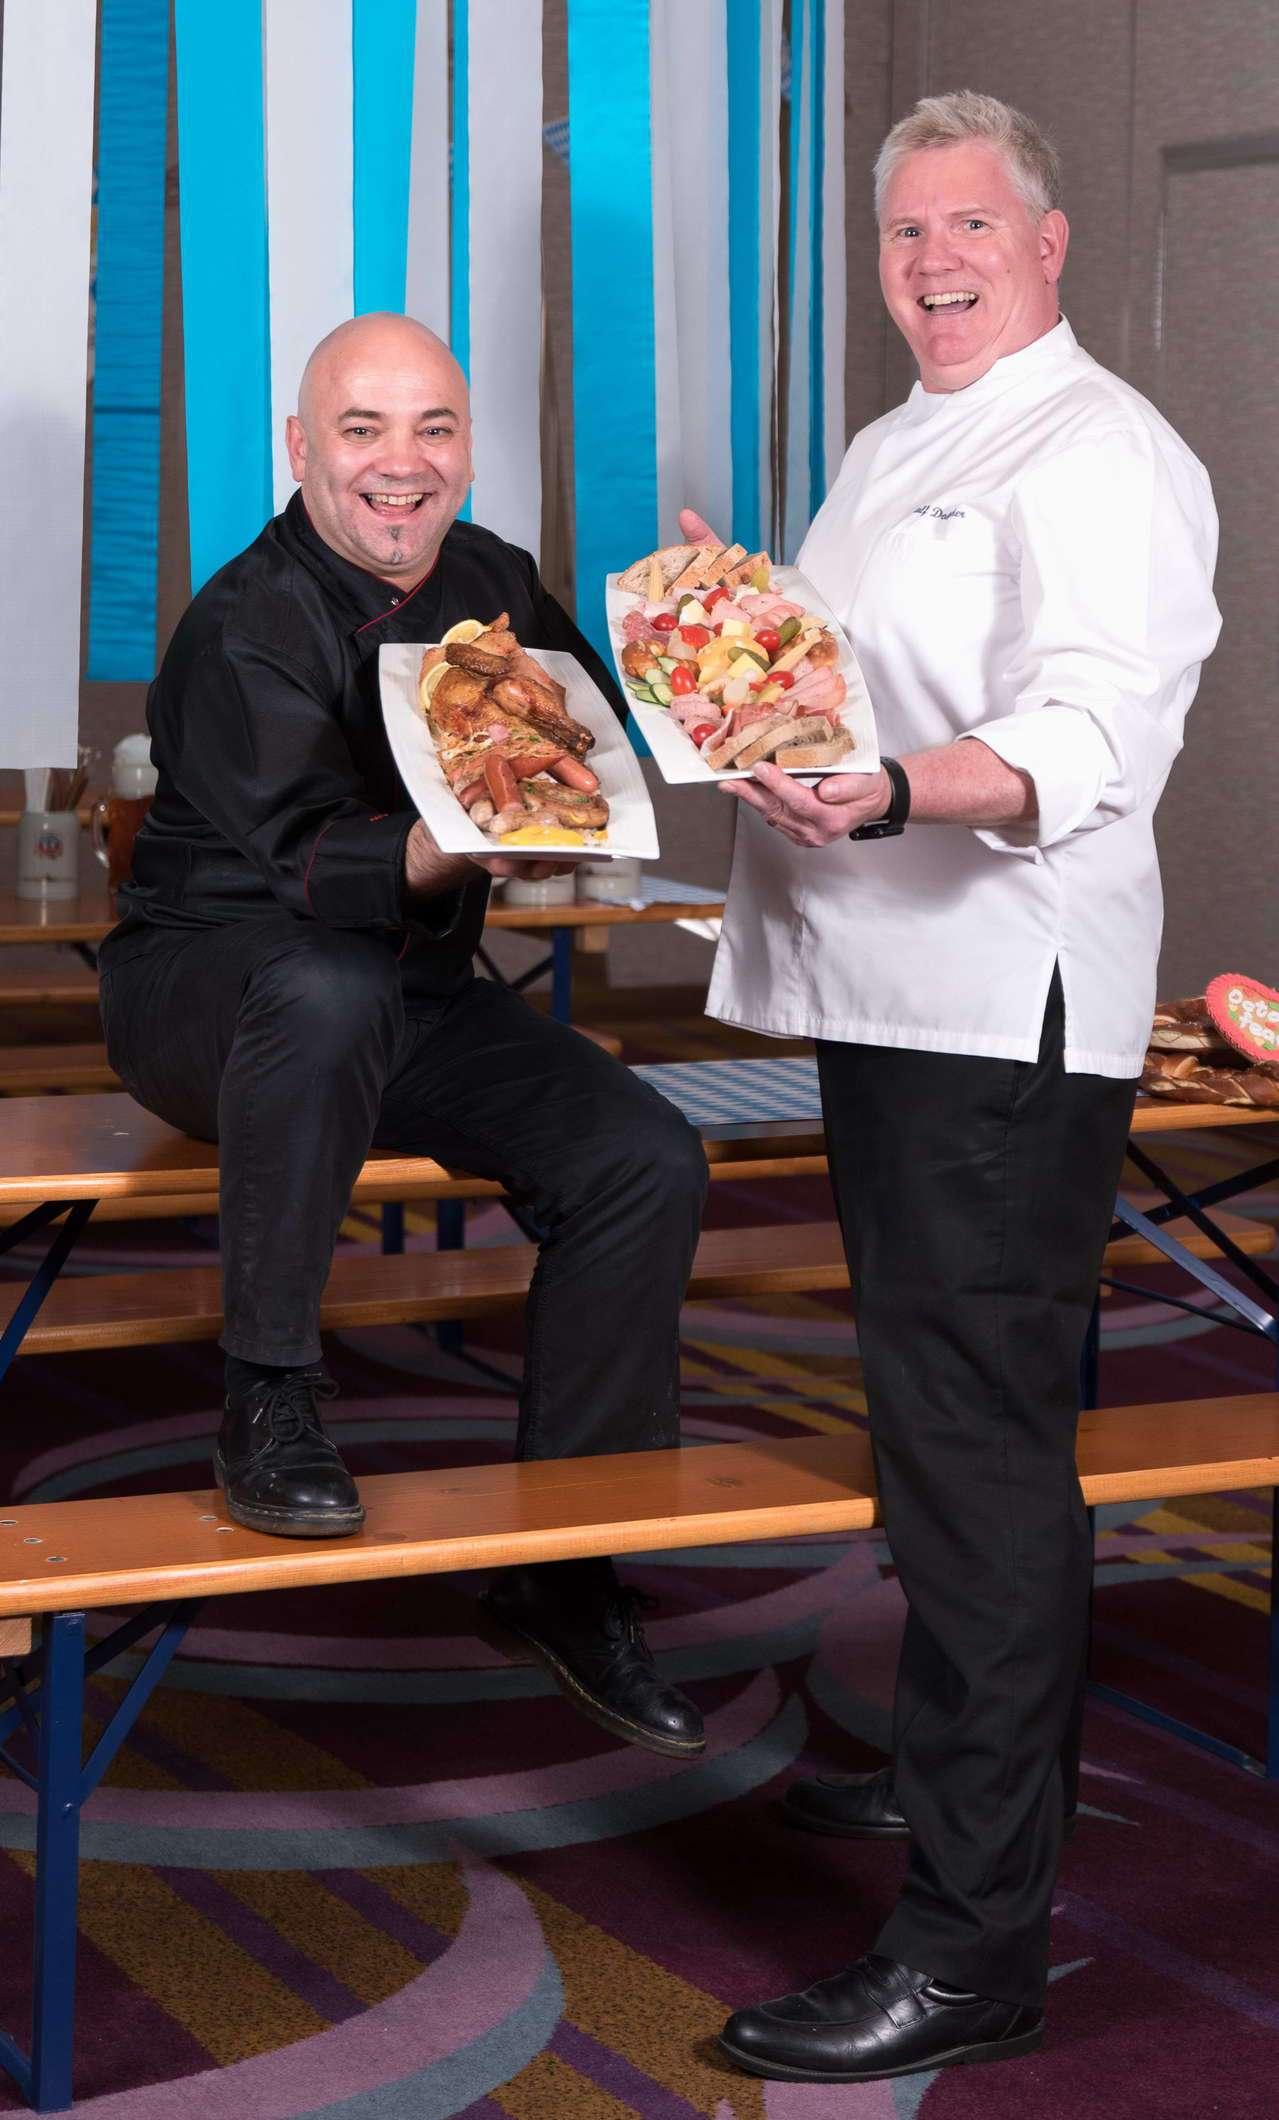 兩大名廚帶來德國南北特色菜。圖/美僑協會提供